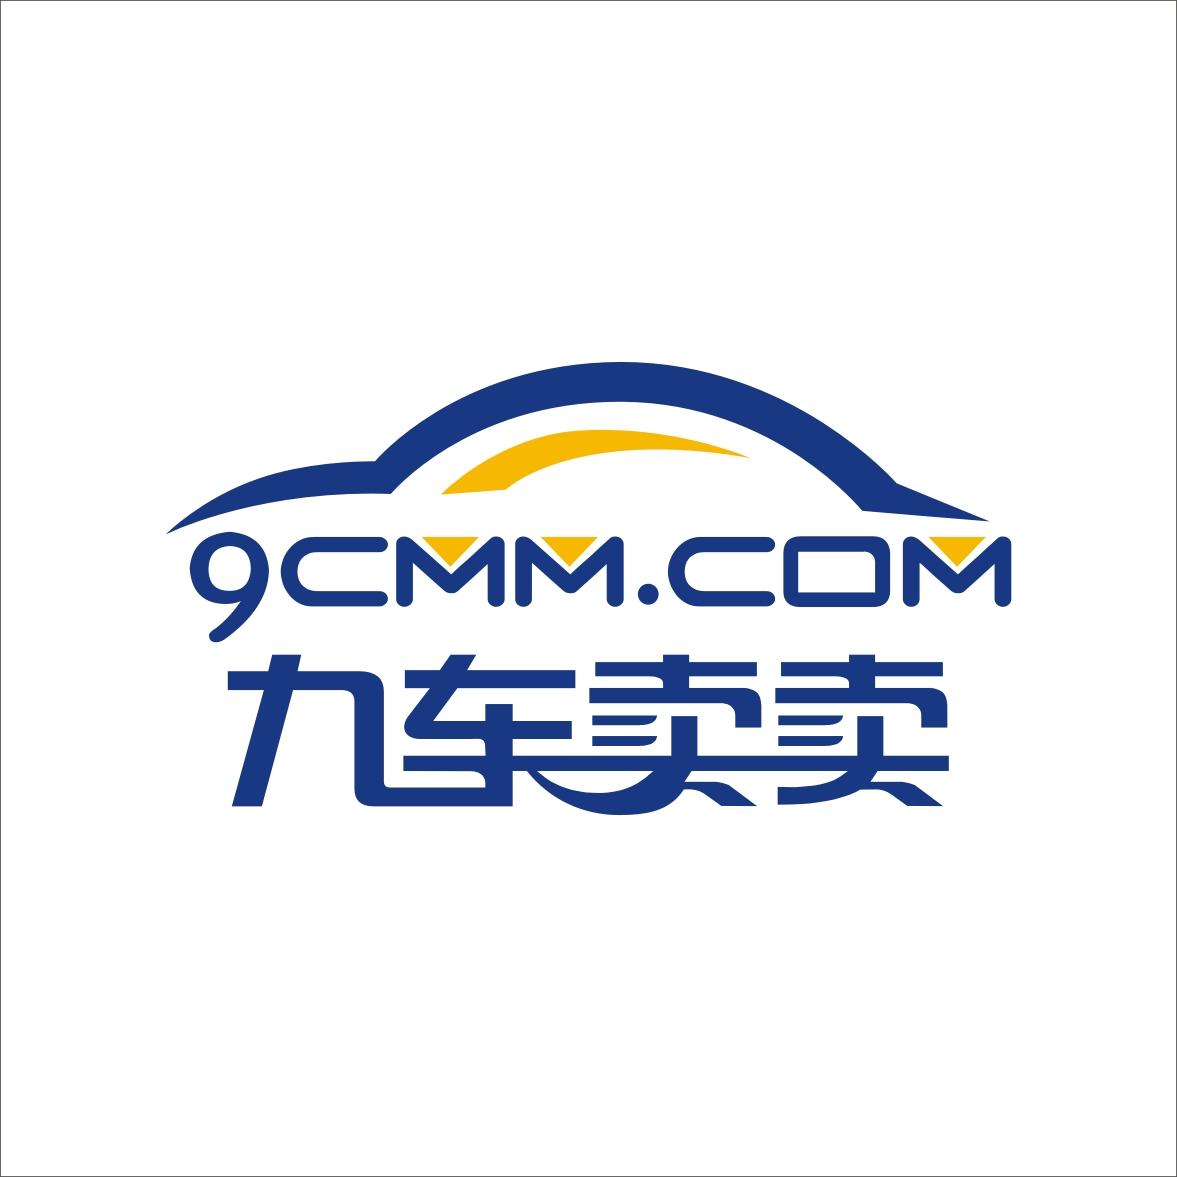 九车卖卖Logo.jpg